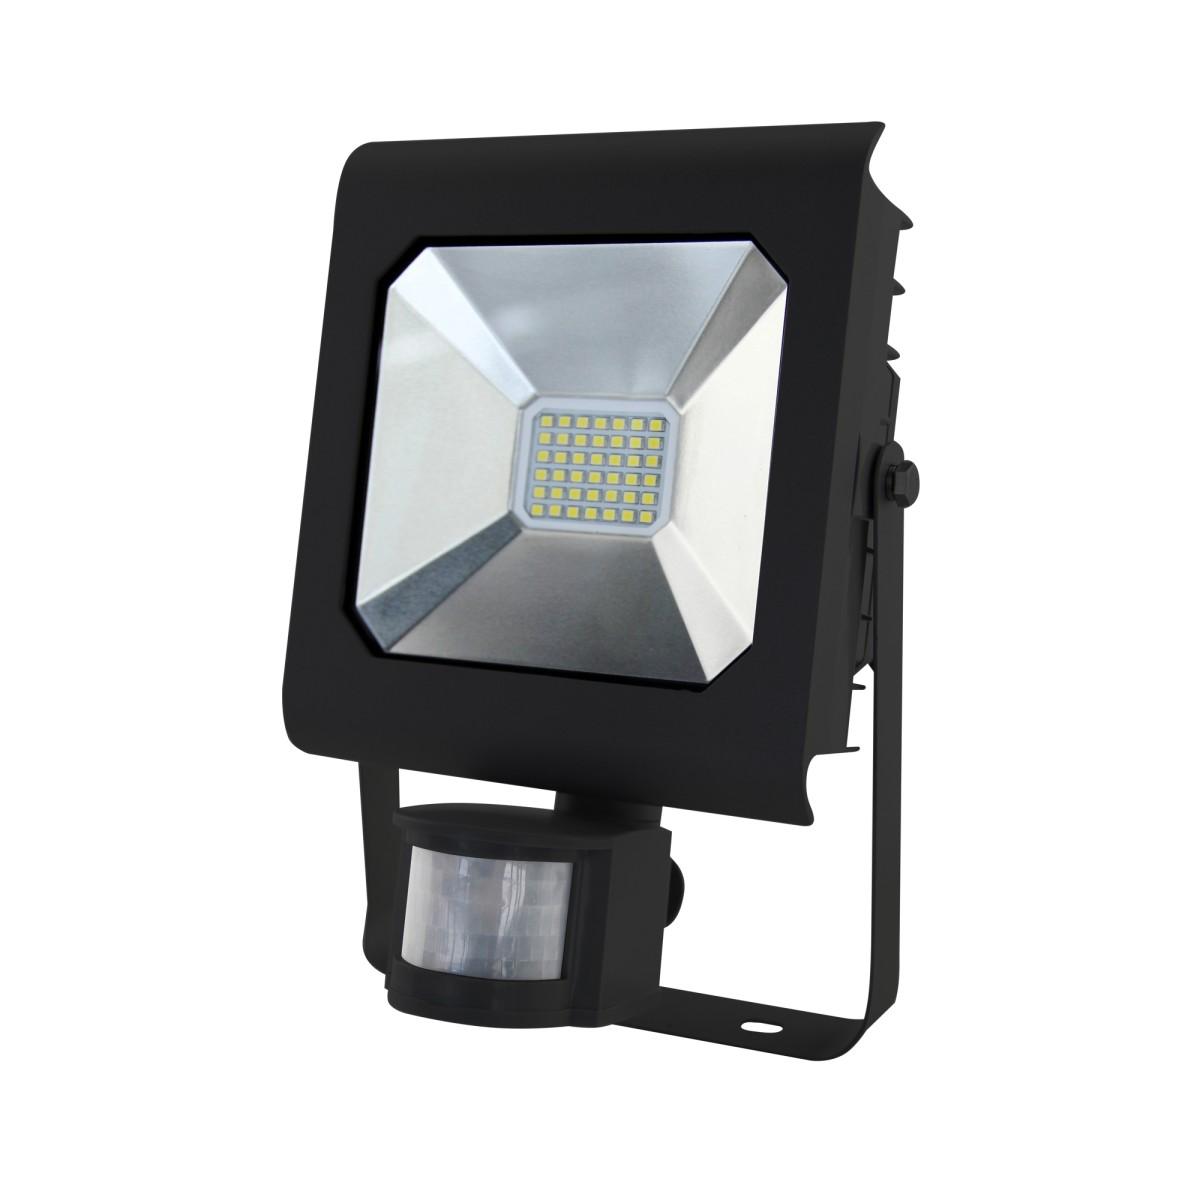 Прожектор уличный светодиодный Эра Pro Б0028657 3000 К 30 Вт IP65 700 Лм